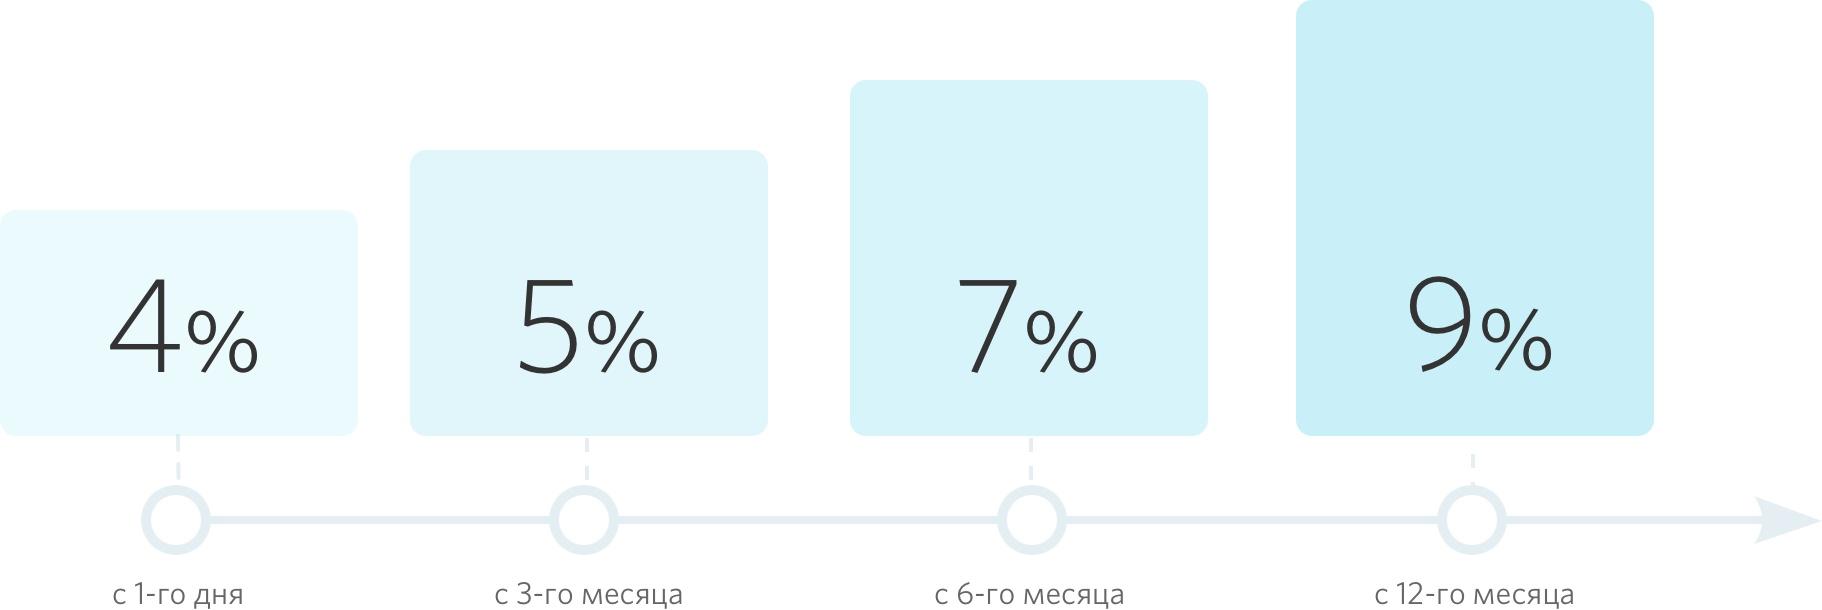 Самые выгодные вклады в рублях со снятием процентов ежемесячно